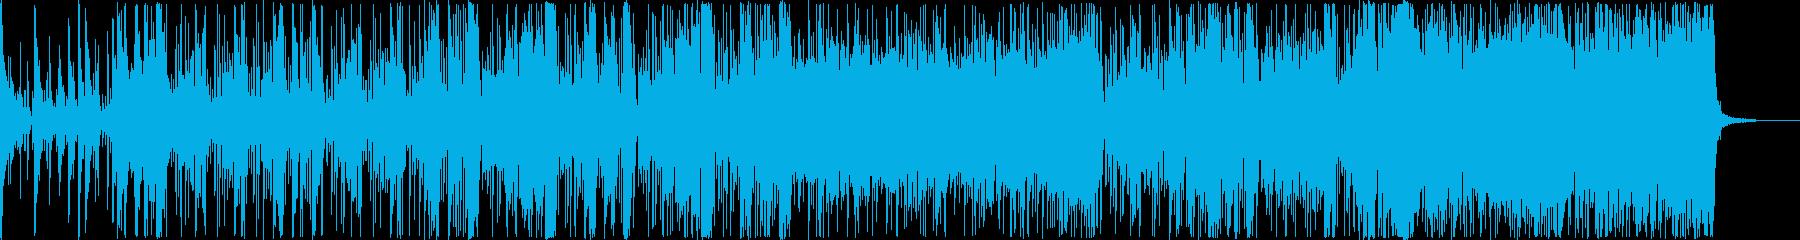 近未来のランニングミュージックの再生済みの波形